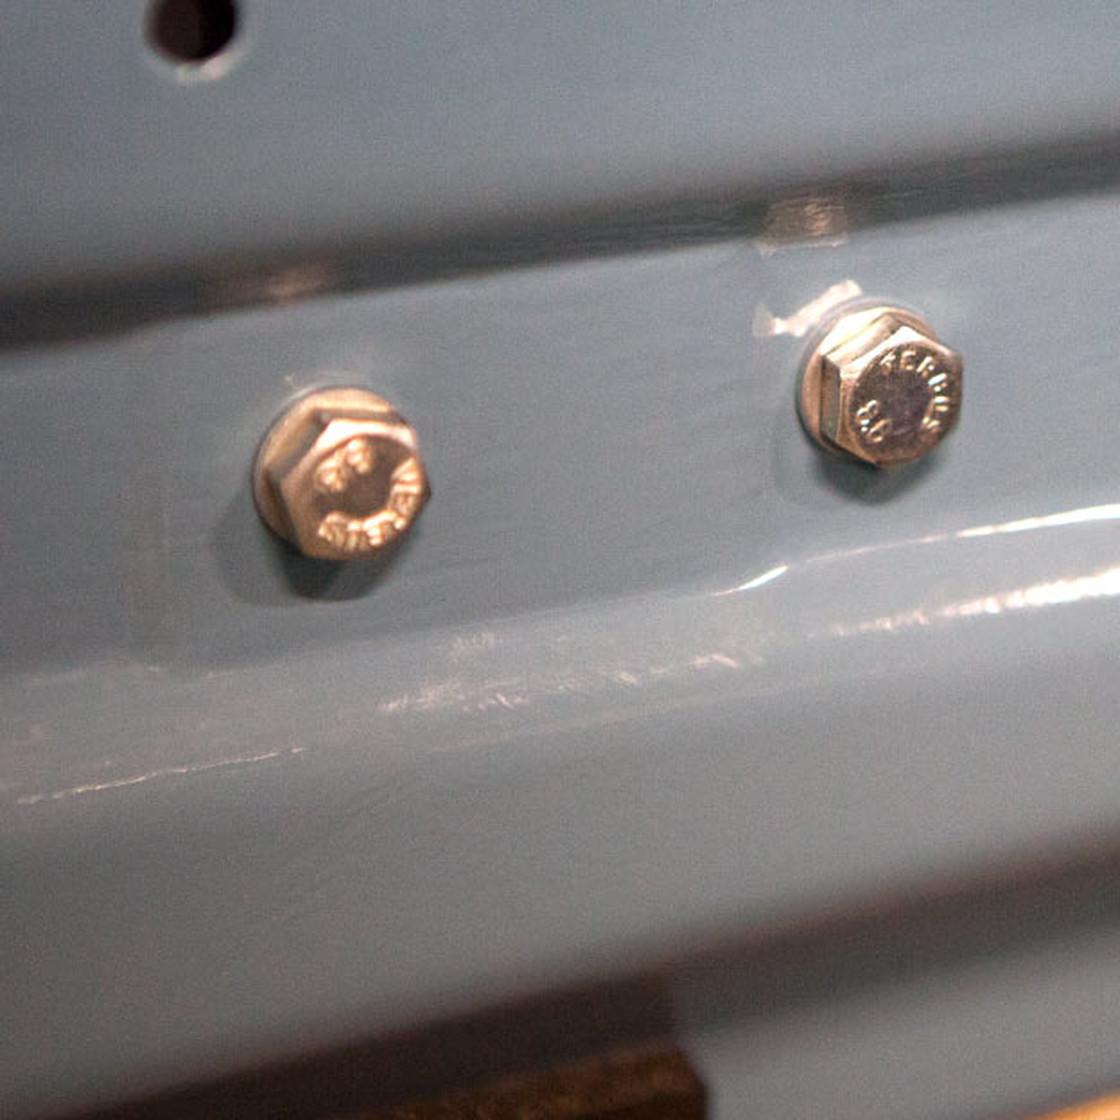 t2 schrauben f r den fensterheber vergleichsnummer n102107 bus ok d 3 00. Black Bedroom Furniture Sets. Home Design Ideas